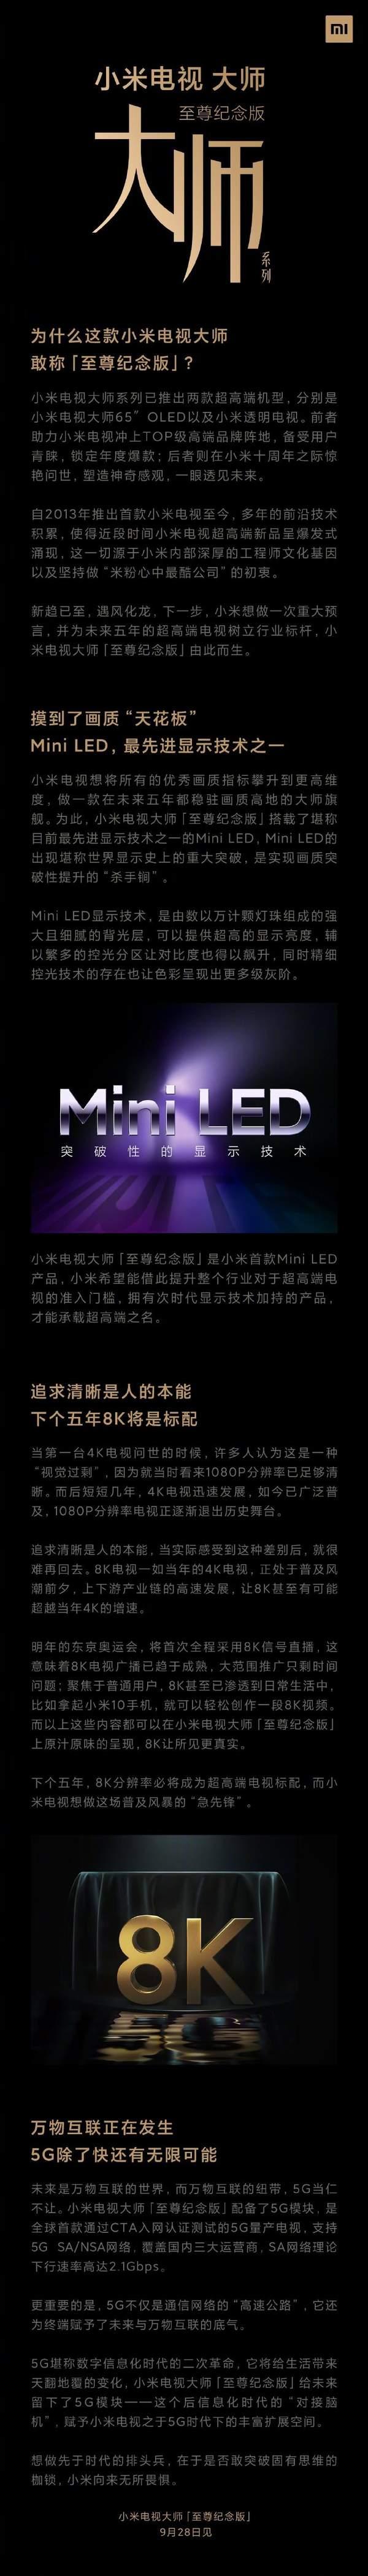 小米电视大师至尊纪念版官宣,小米第一款5G电视登场